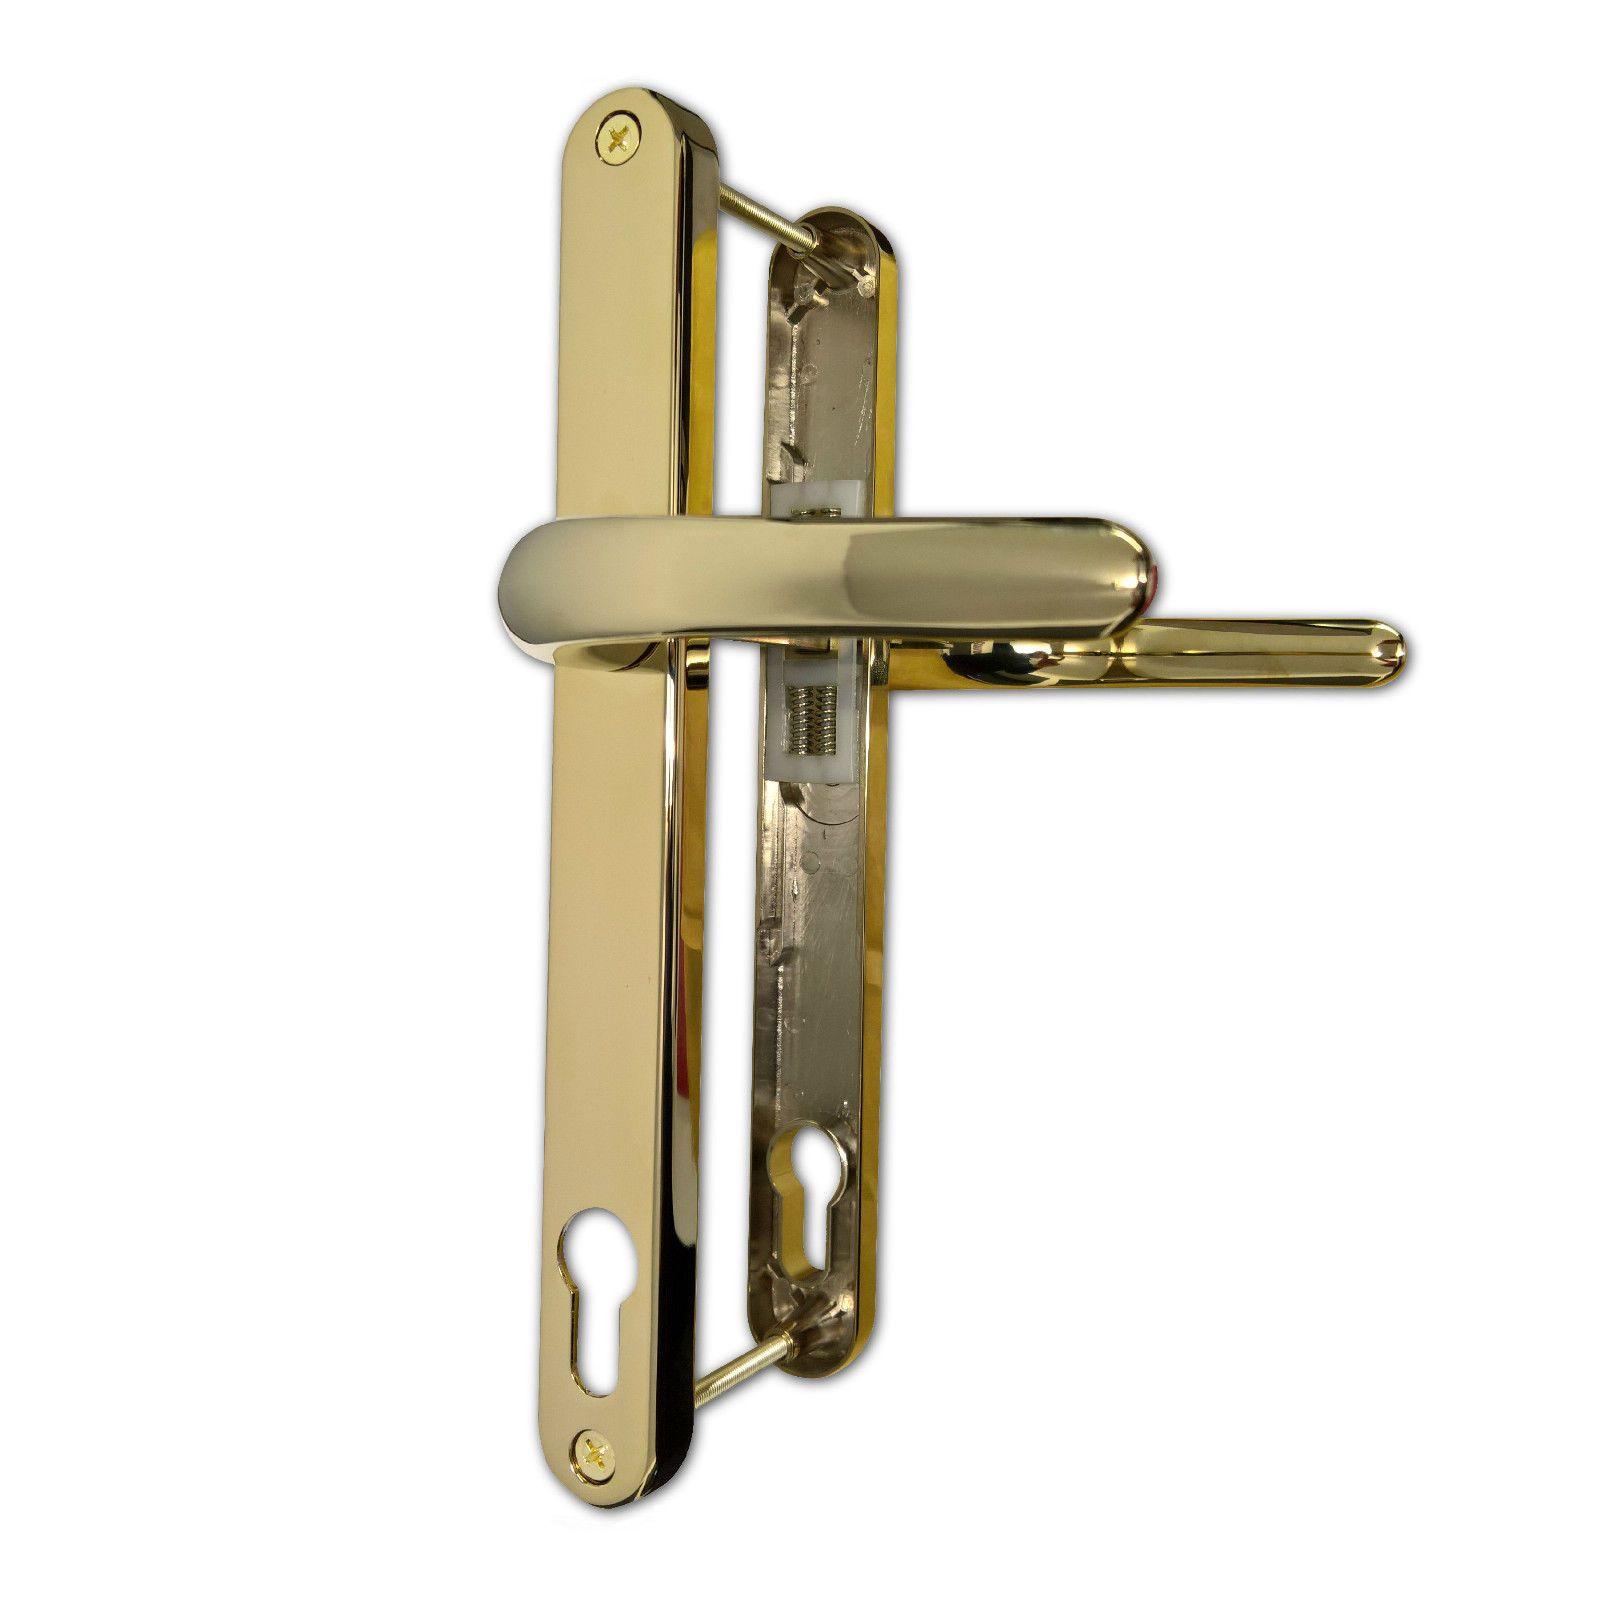 Millenco Door Handle Upvc Double Glazing 117pz Sprung Pair 235mm Set Pvc Ebay Door Handles Handle Upvc